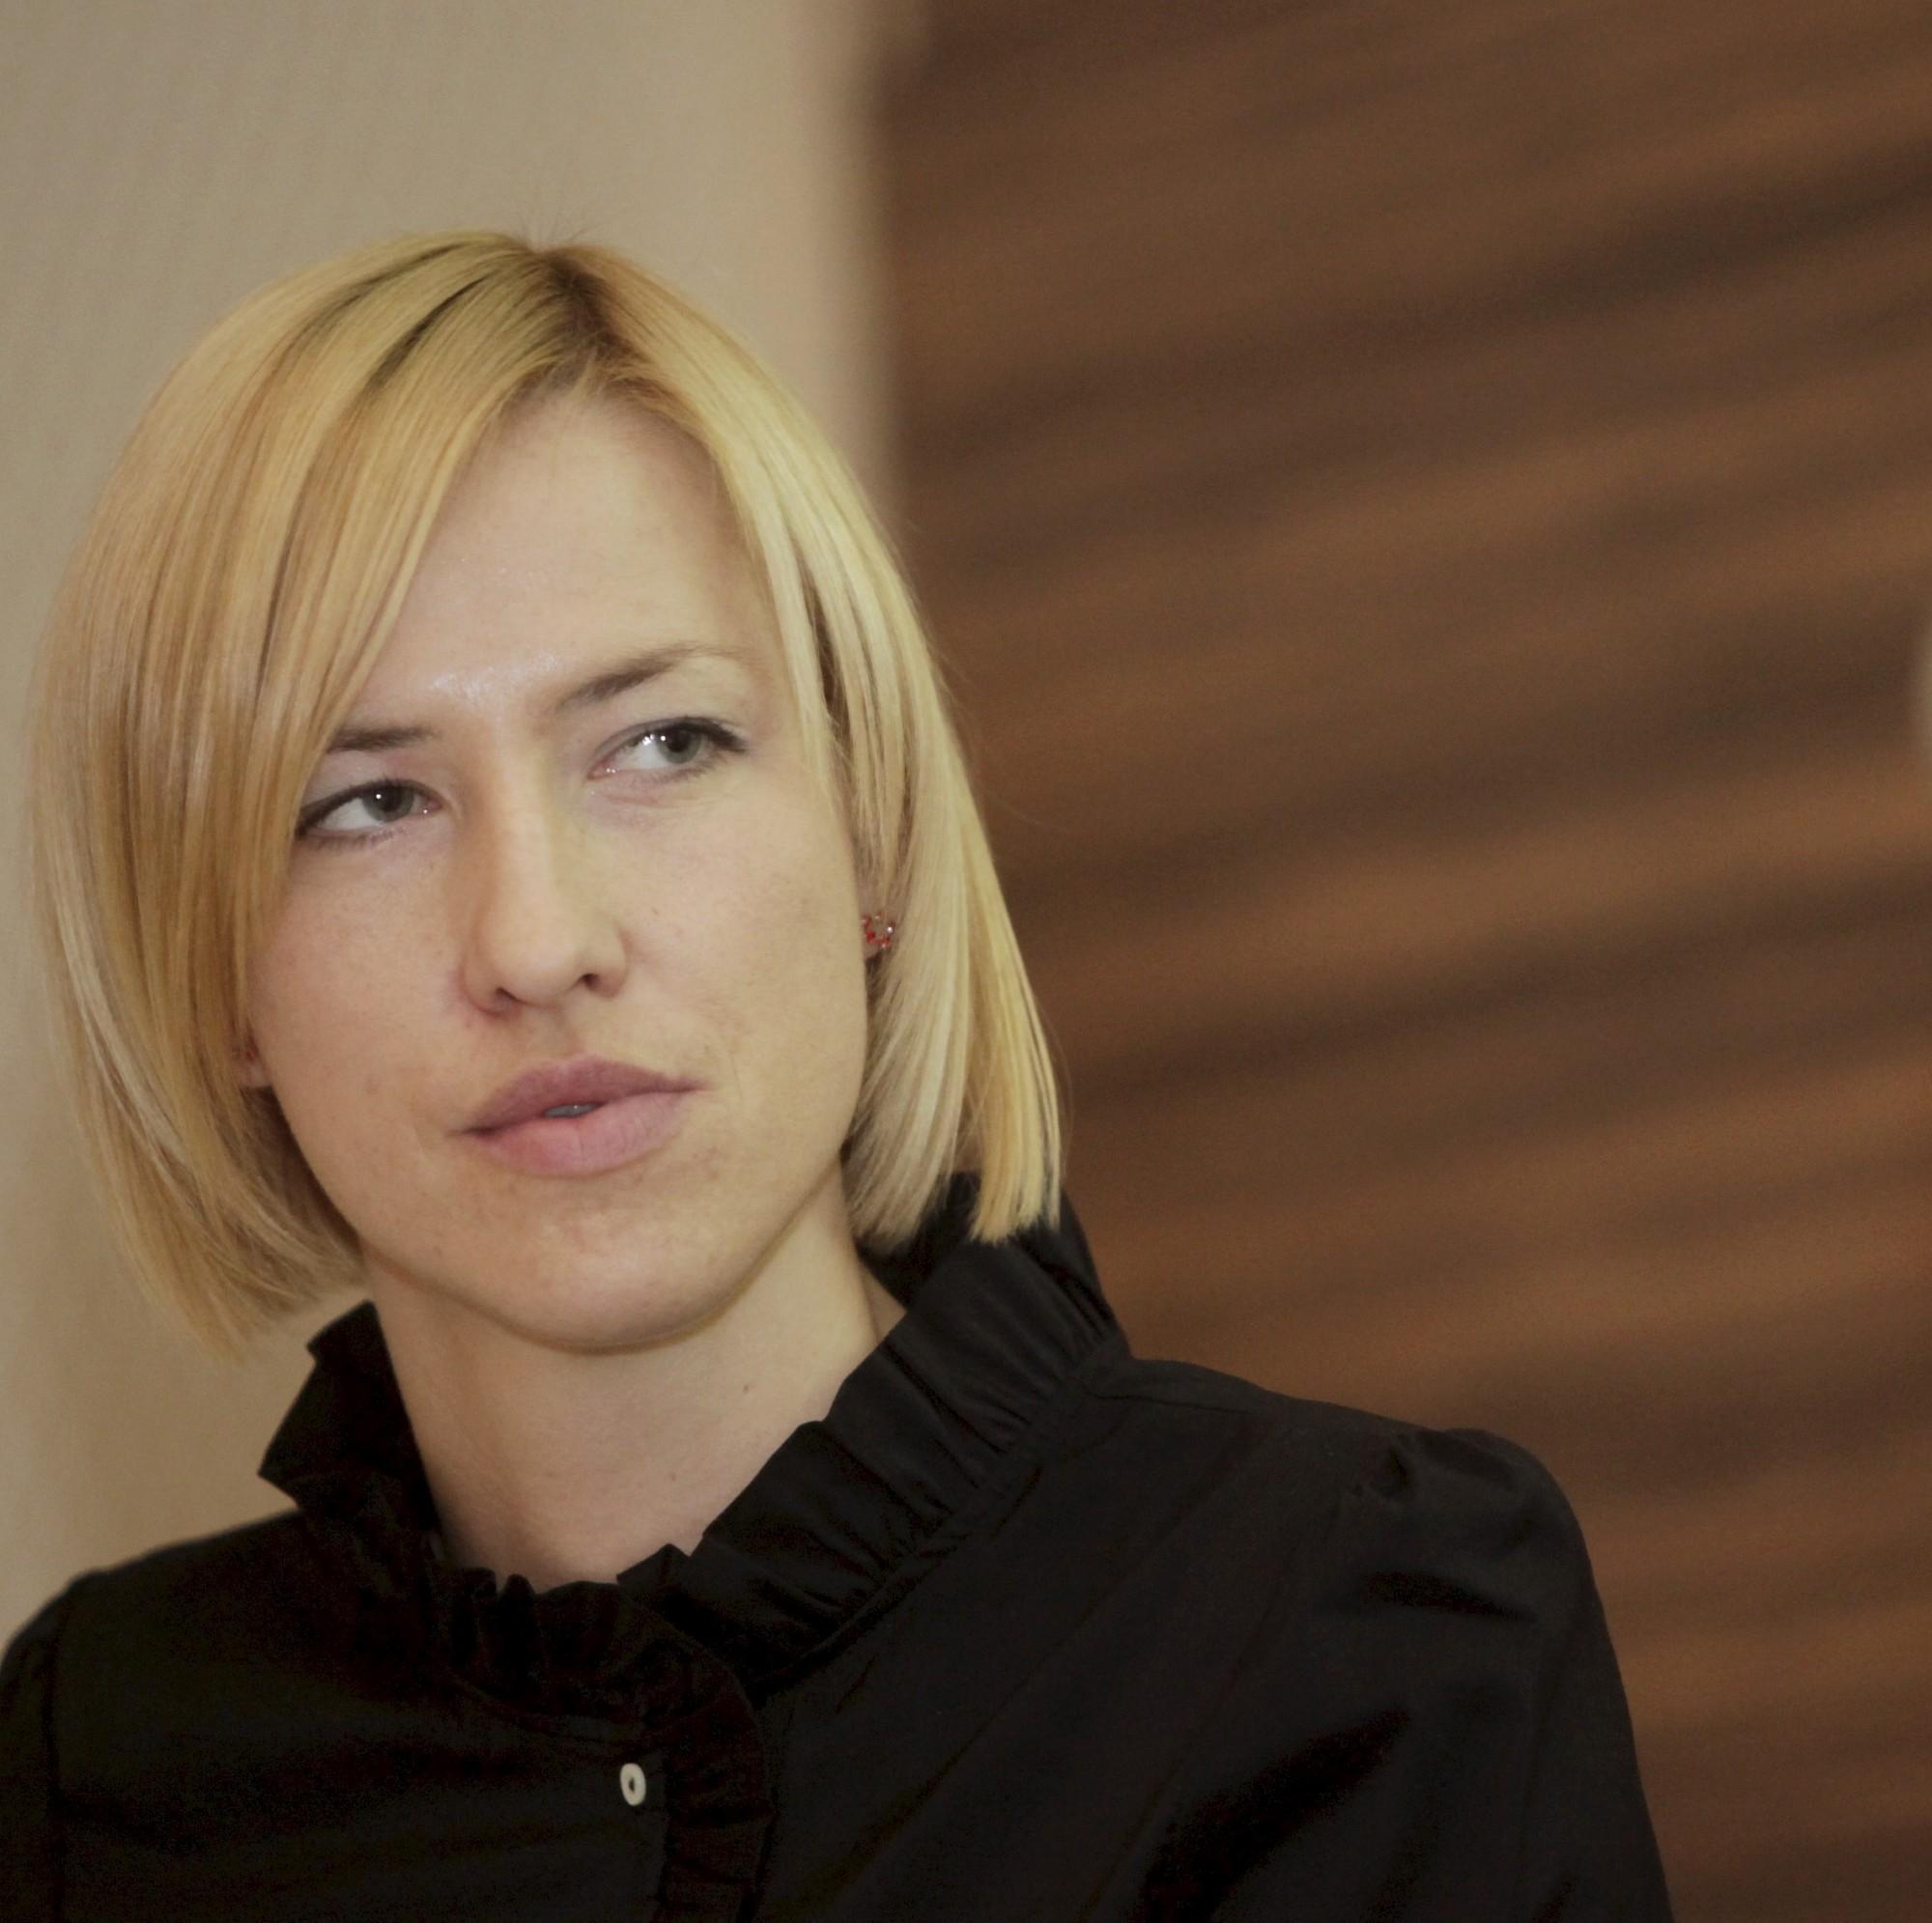 Maija Katkovska: Bērns aizraujas ar tiešsaistes spēlēm. Kā rīkoties vecākiem?